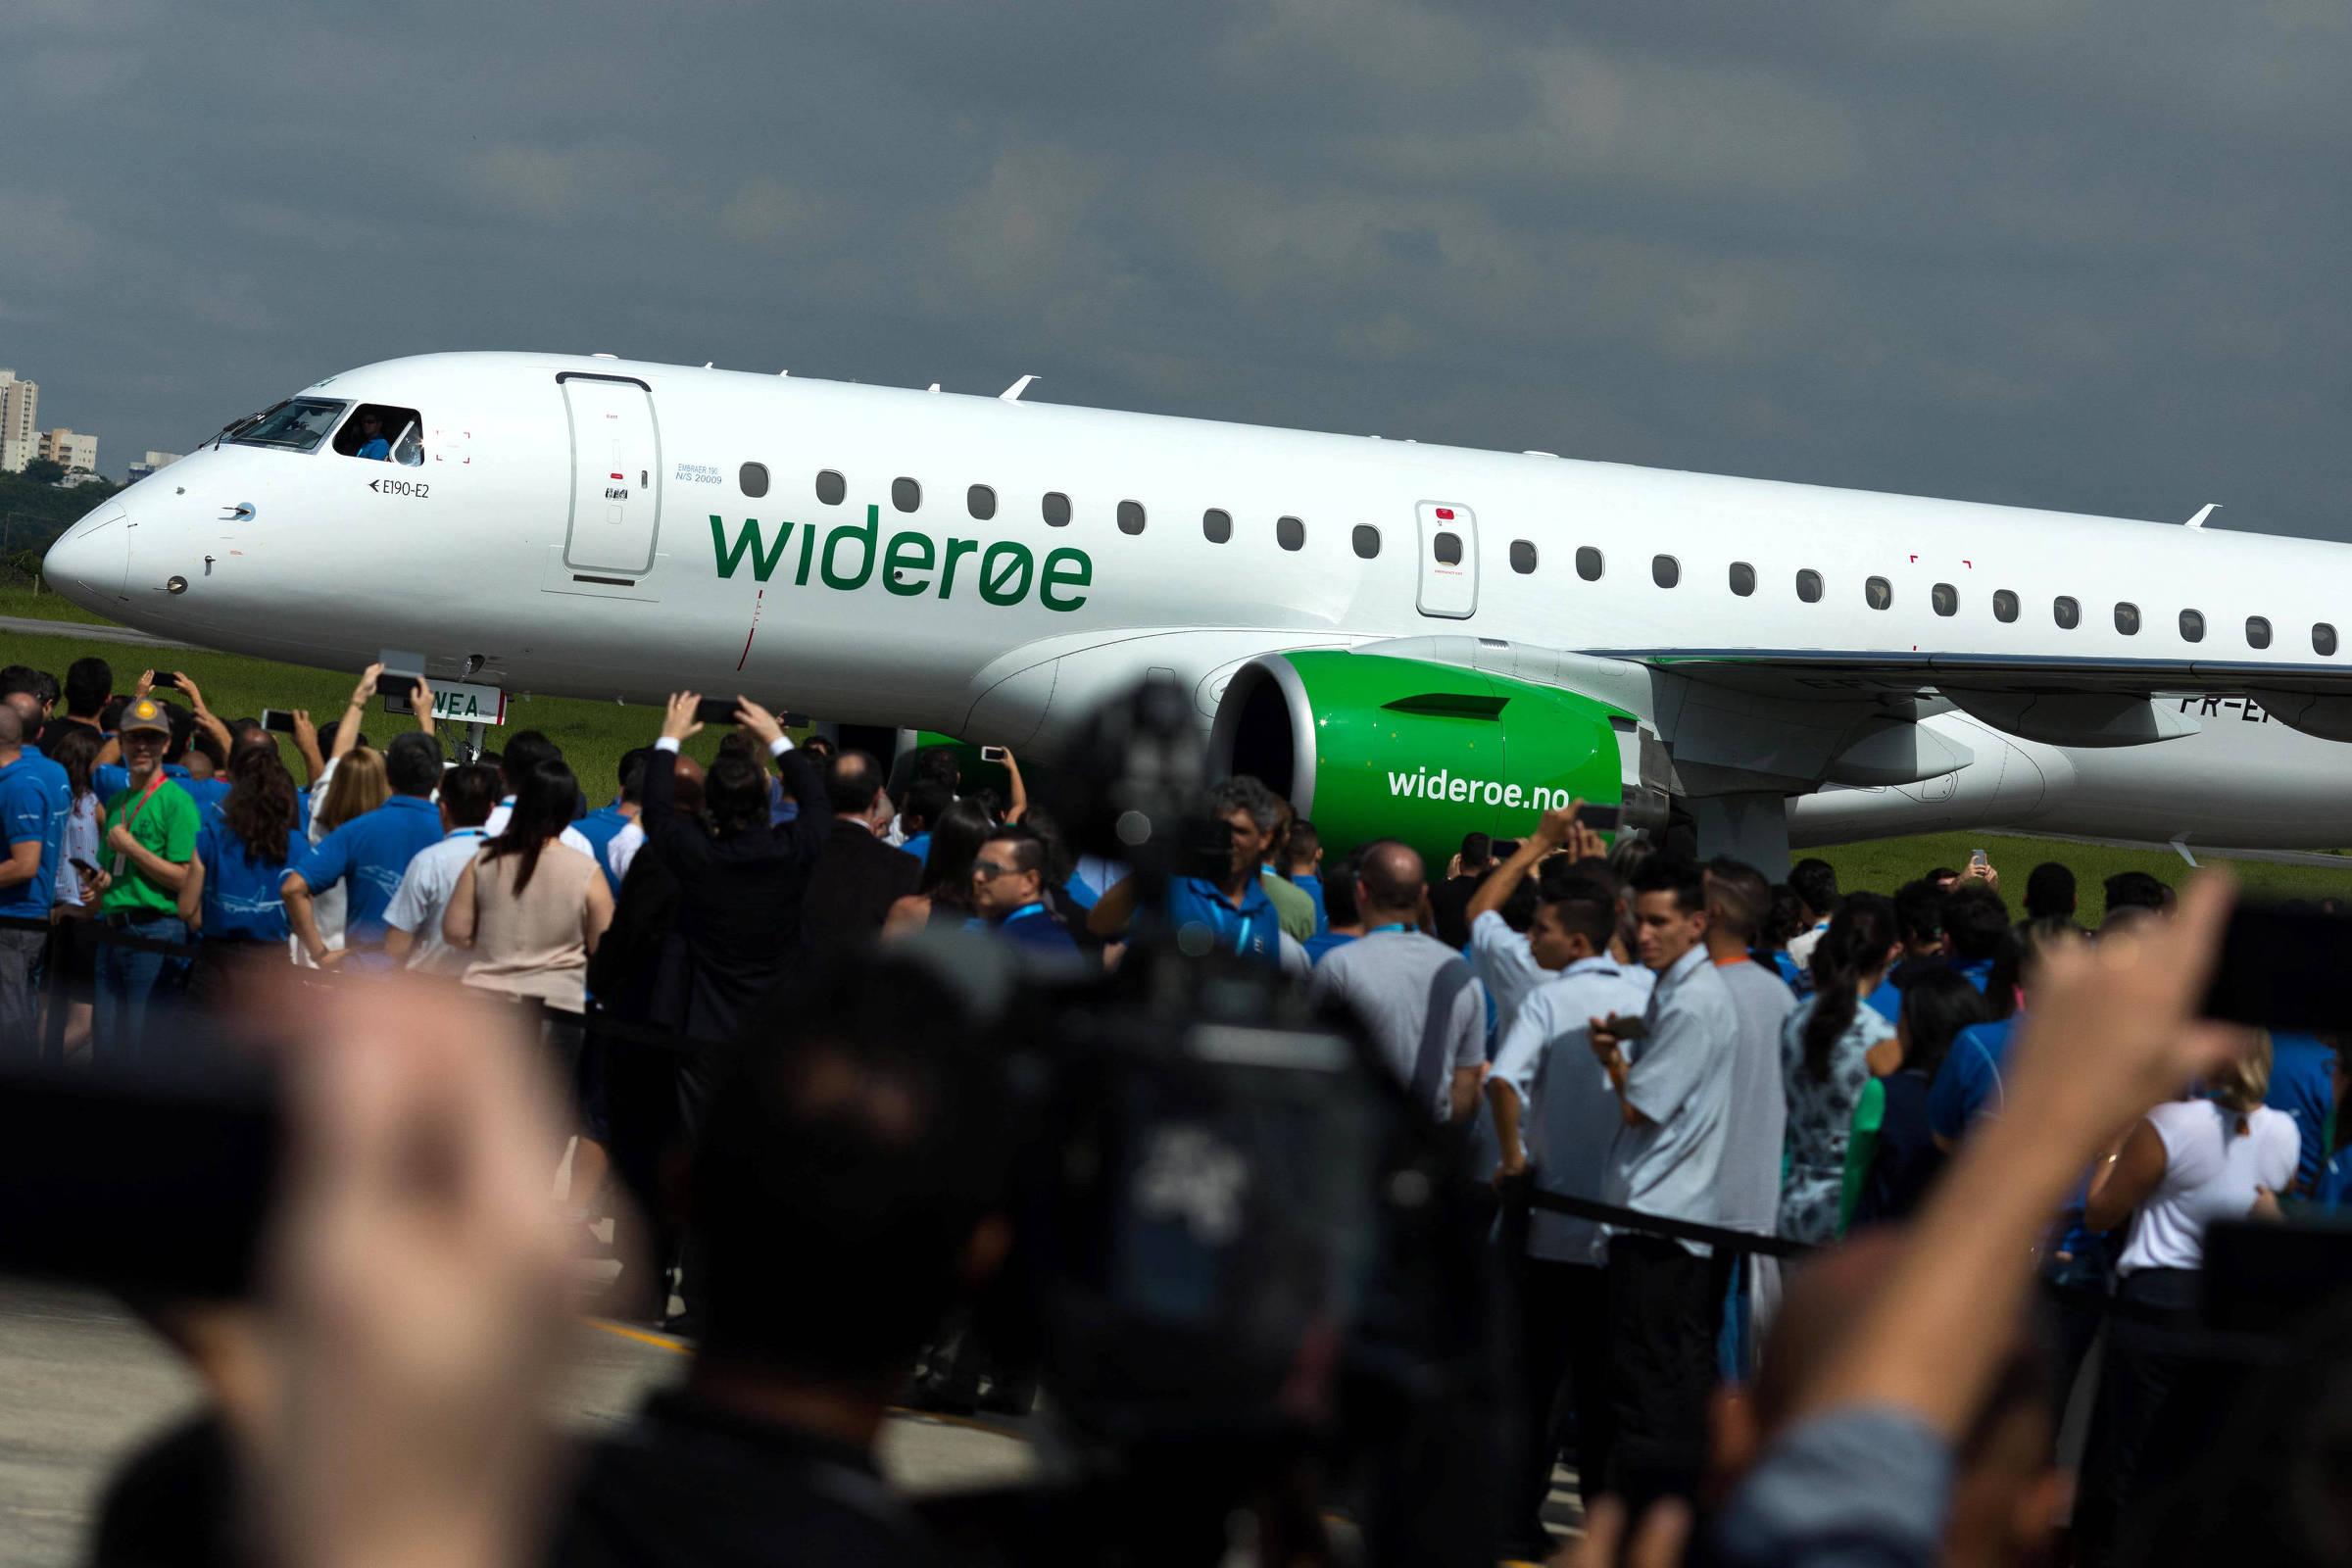 Reunião avança negociação entre Boeing e Embraer, mas nova trava surge